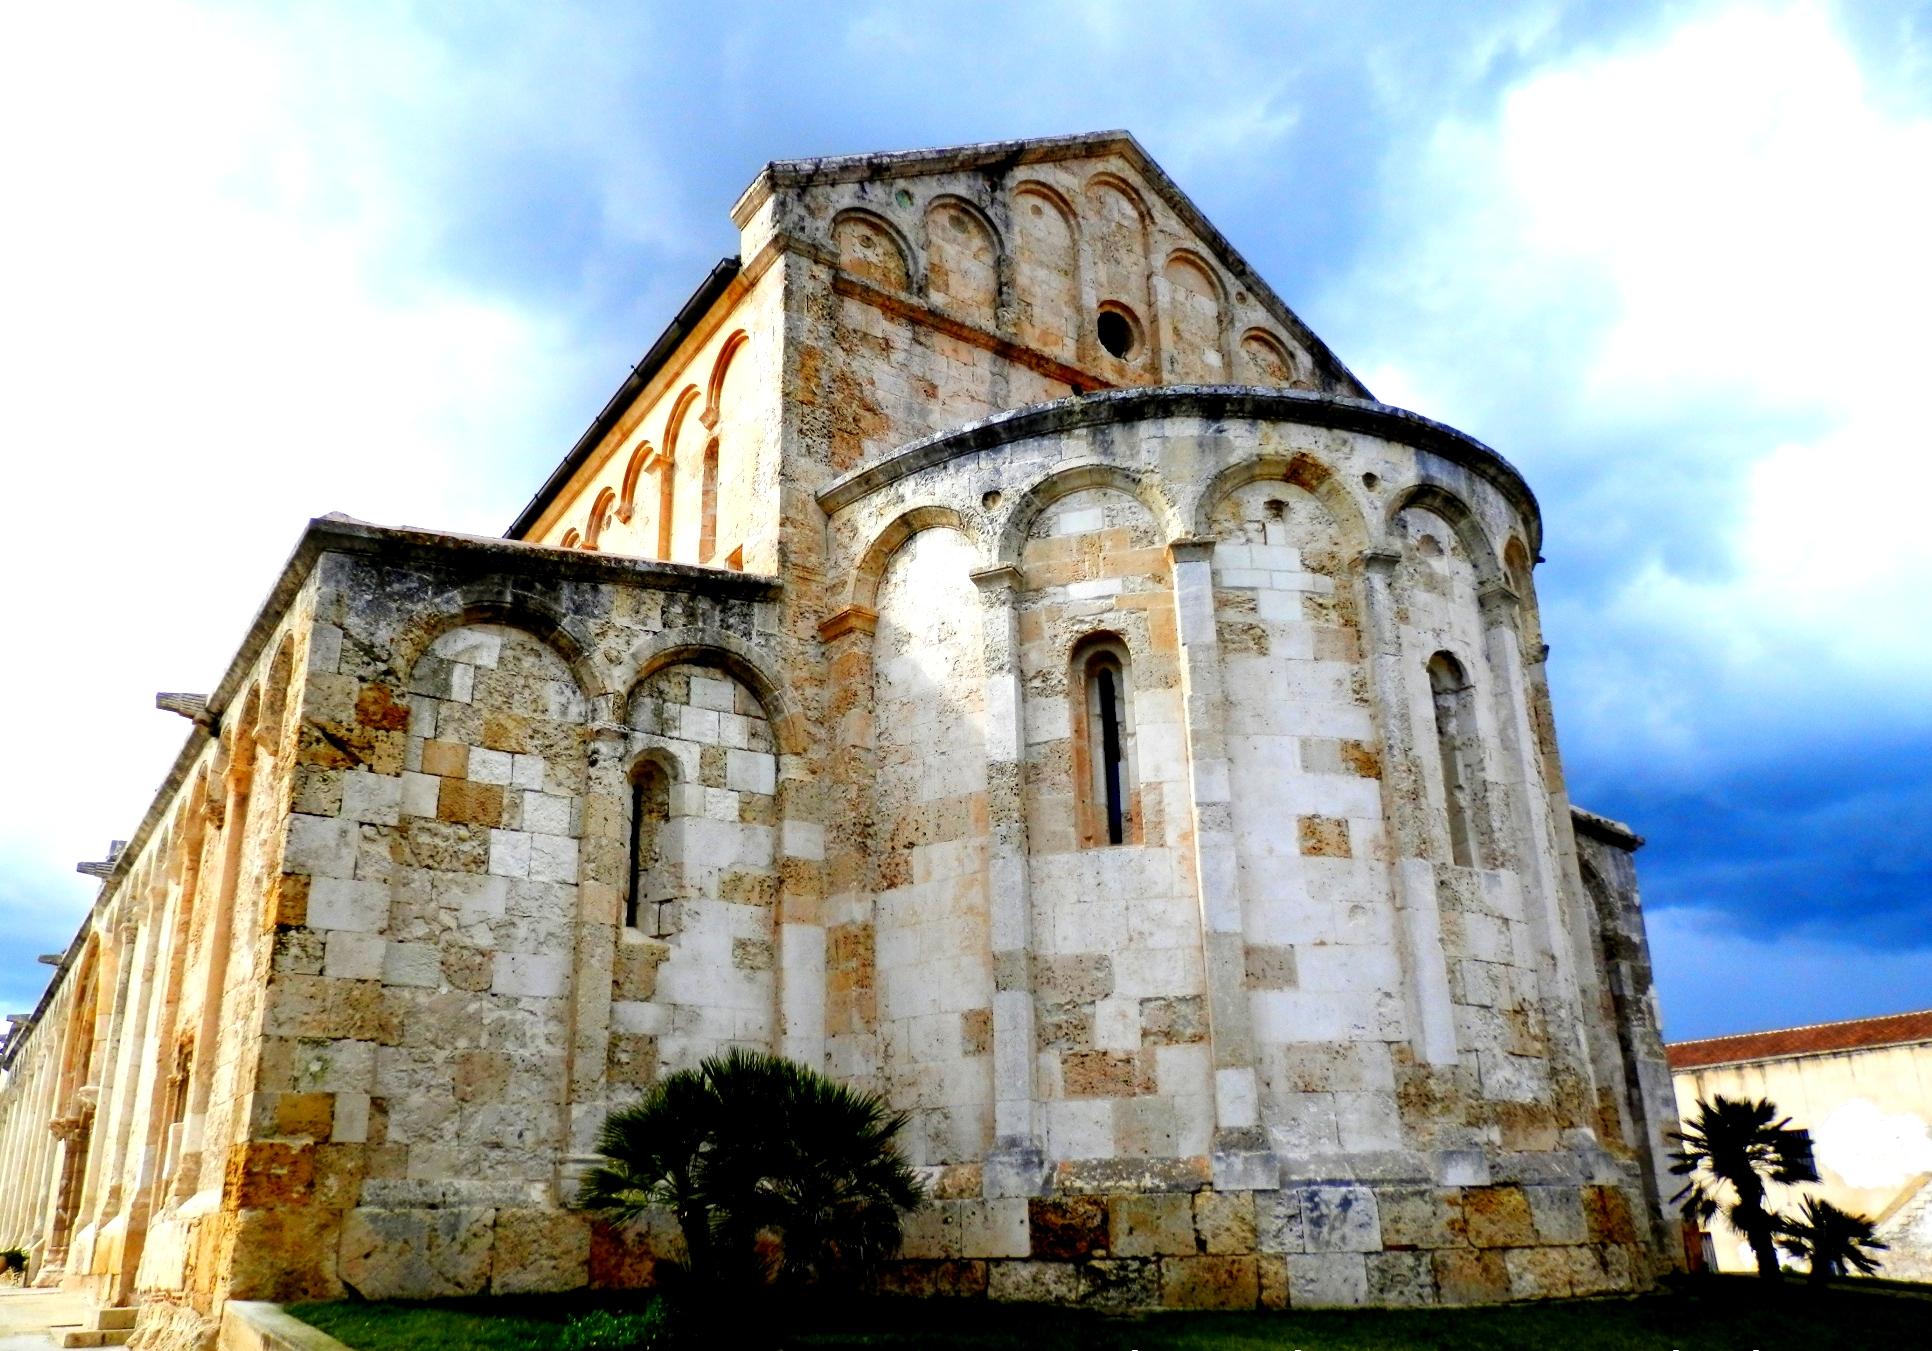 A Porto Torres è Festha Manna dal 14 al 16 maggio 2016 i Riti per i Santi Gavino, Proto e Gianuario. Sono in programma tre giorni di spettacoli e musica e di percorsi del gusto.